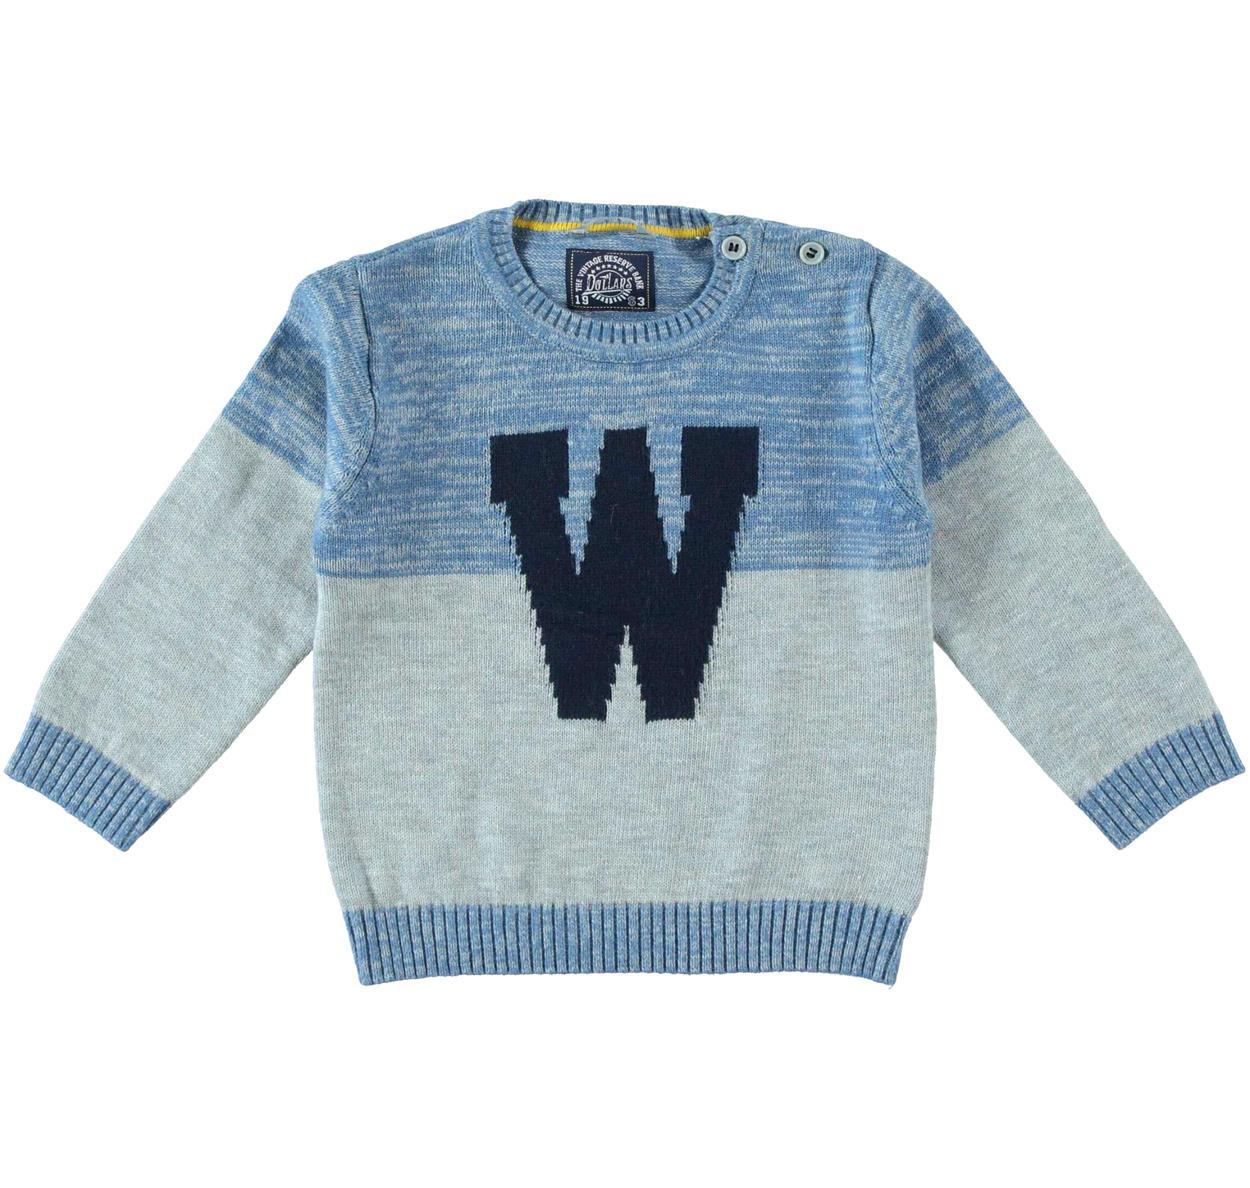 2520dc793b Maglia girocollo in tricot misto cotone lana per bambino da 6 mesi a 7 anni  Sarabanda